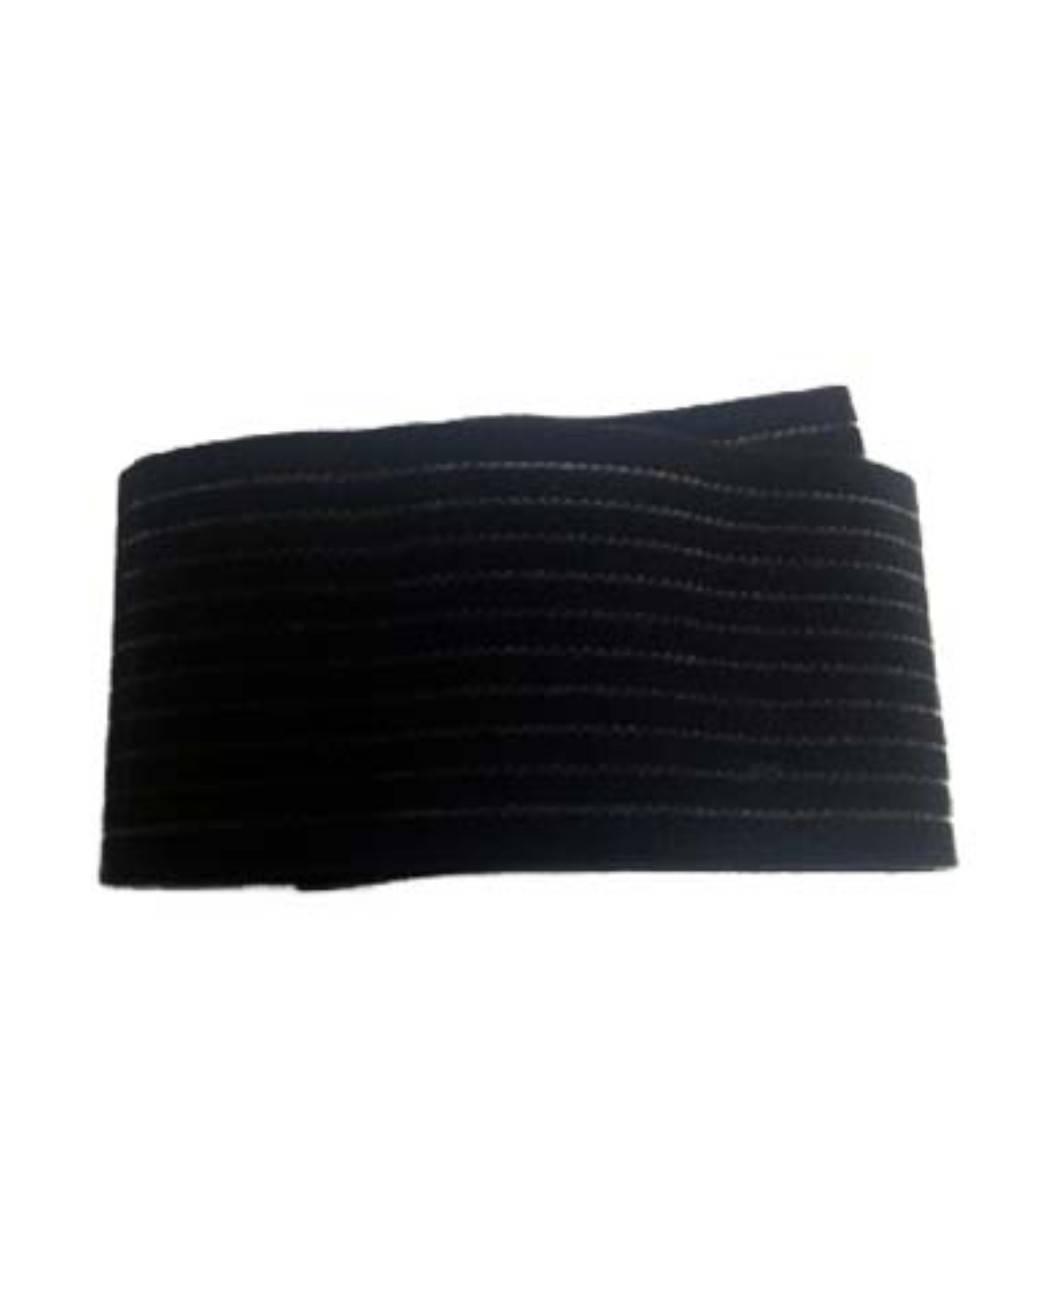 elastic straps